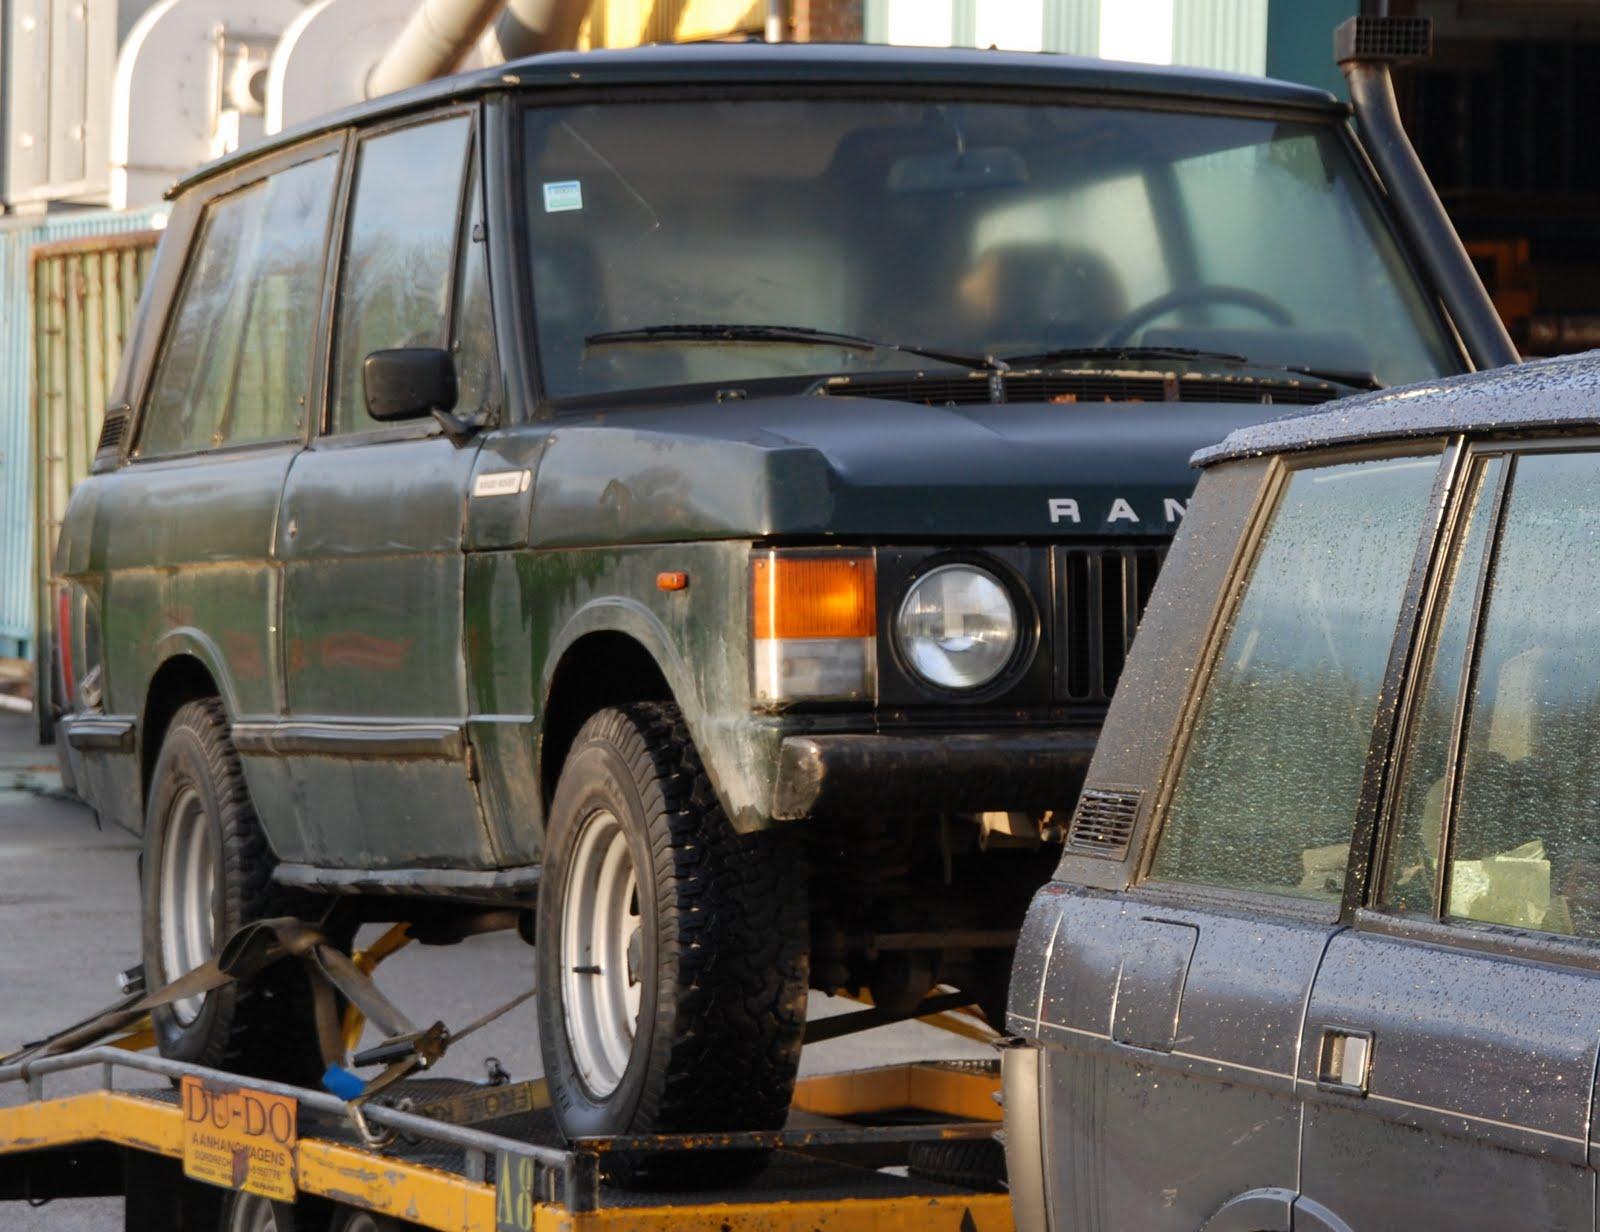 wild4x4 New Range Rover Classic 3 5 V8 2 door from 1982